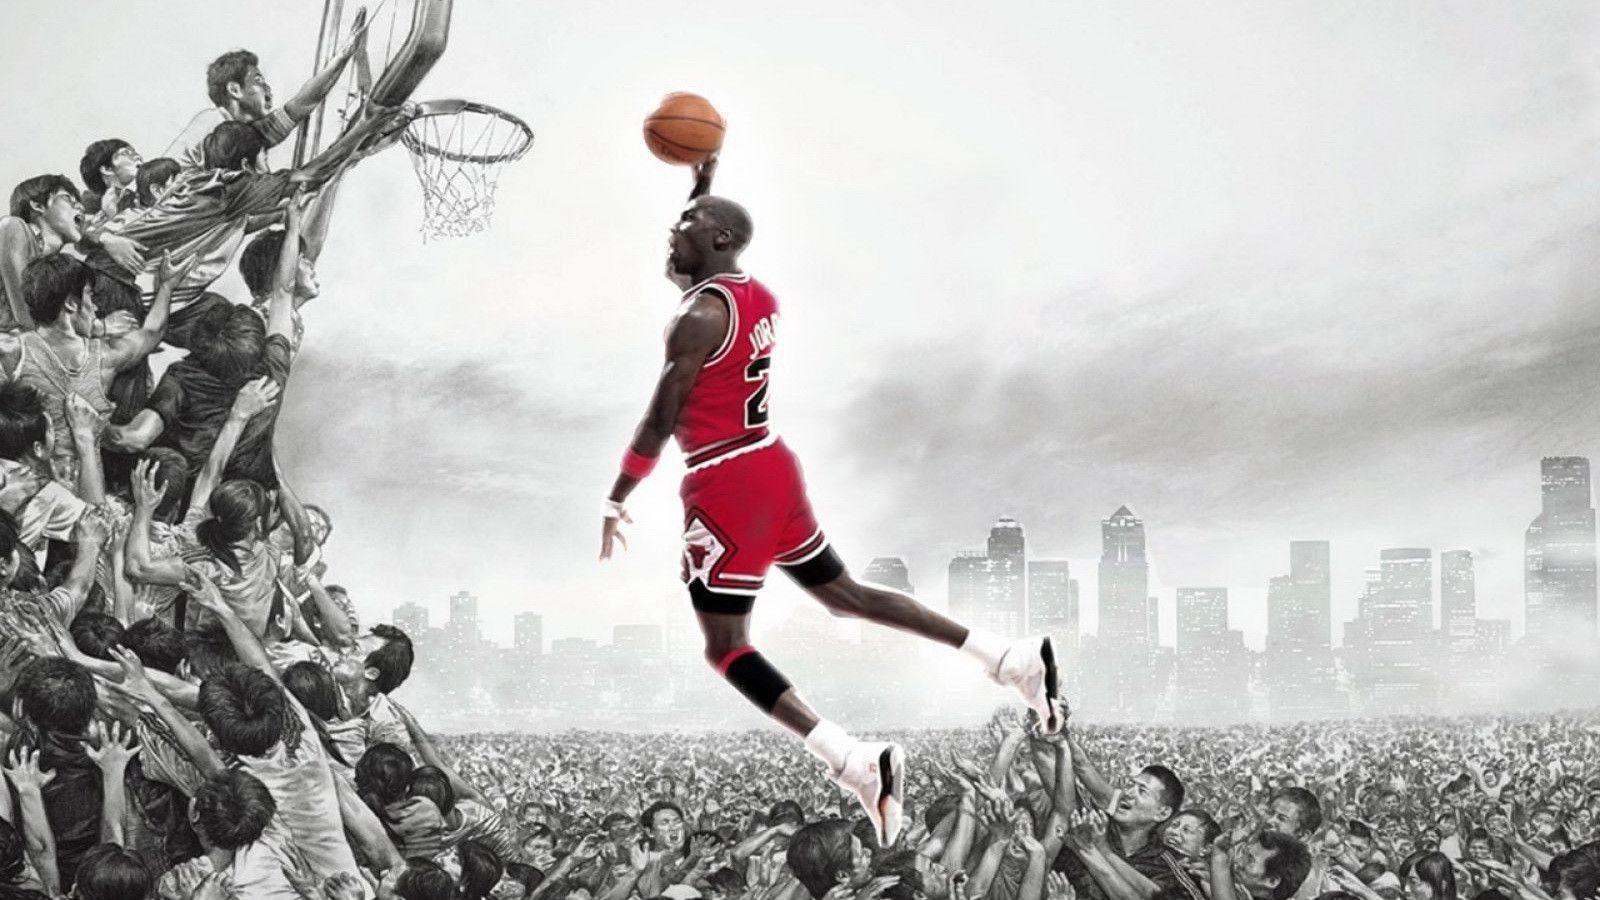 Michael Jordan Laptop Wallpapers Top Free Michael Jordan